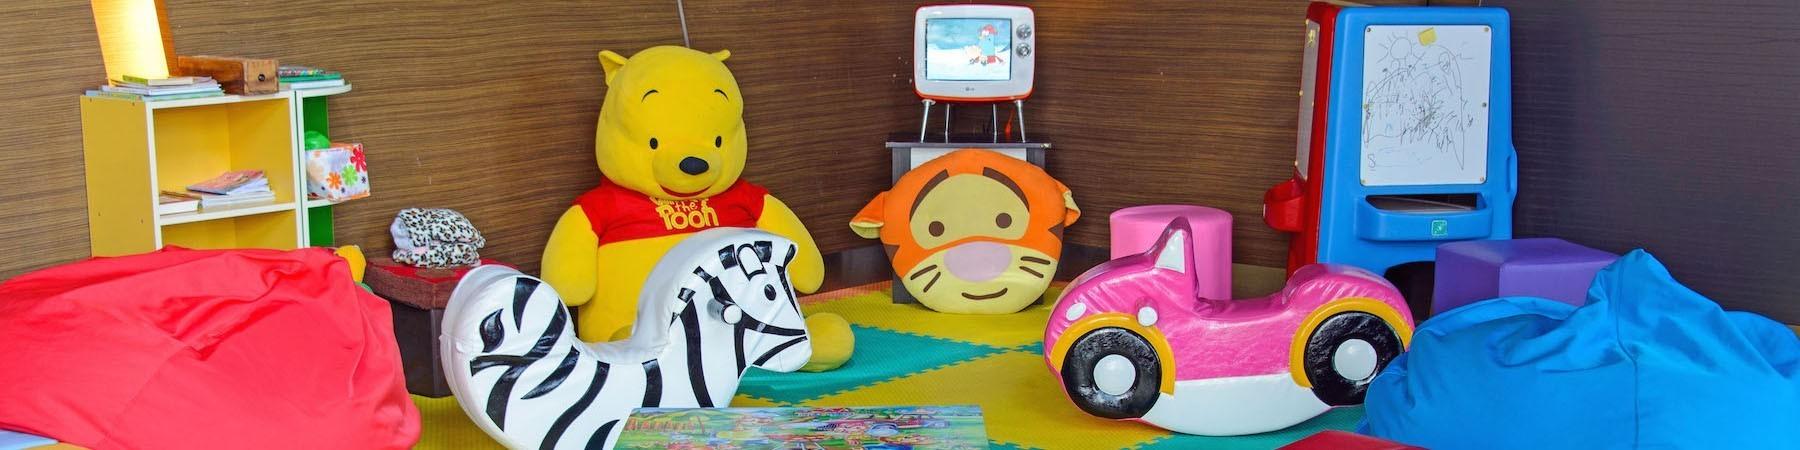 Đồ chơi trí tuệ các lứa tuổi, phát triển tư duy, phản xạ của trẻ.